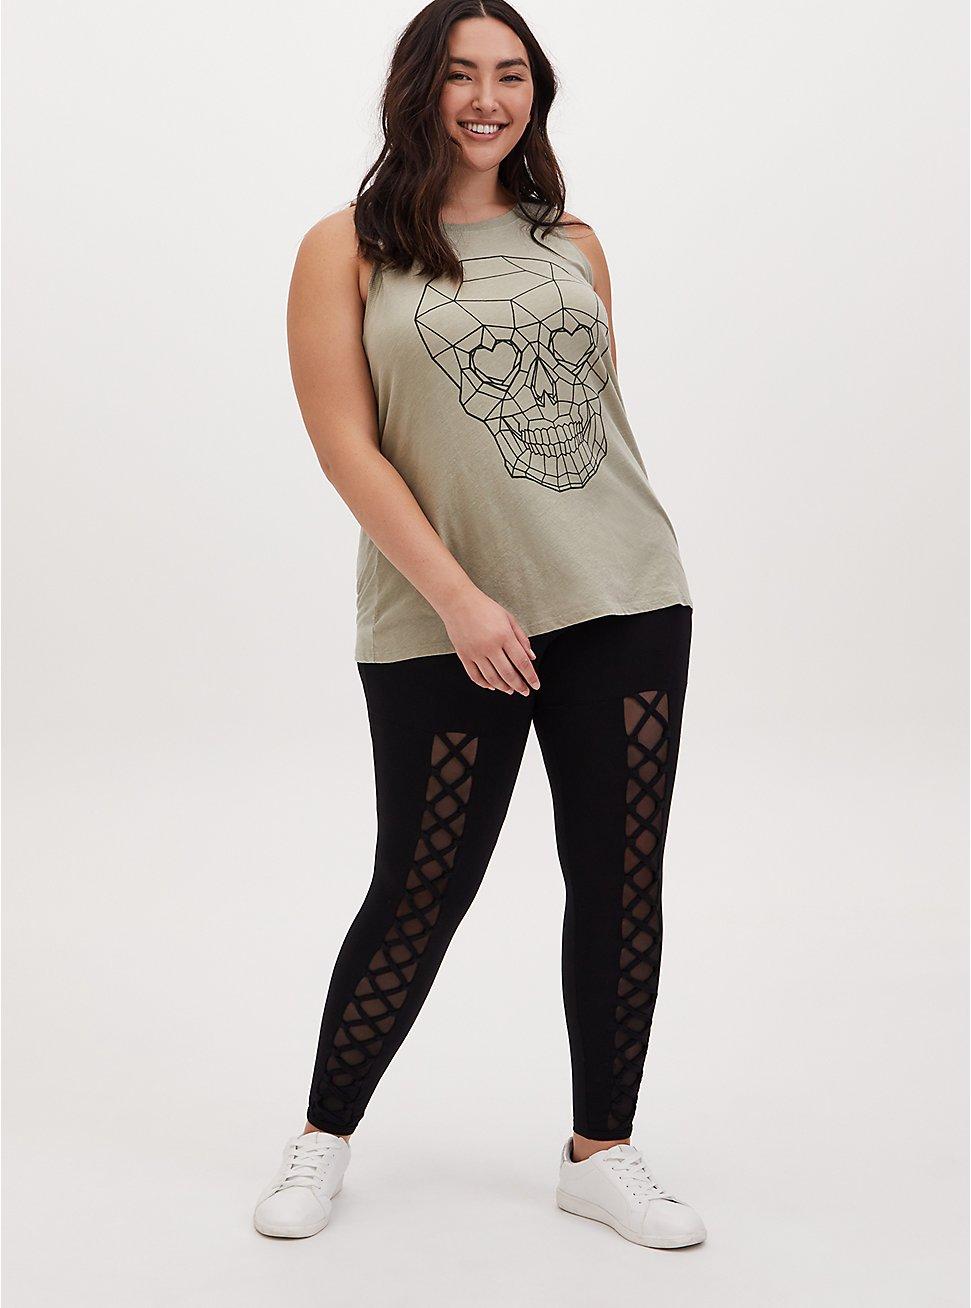 Premium Legging - Front Lattice Mesh Underlay Black, BLACK, hi-res